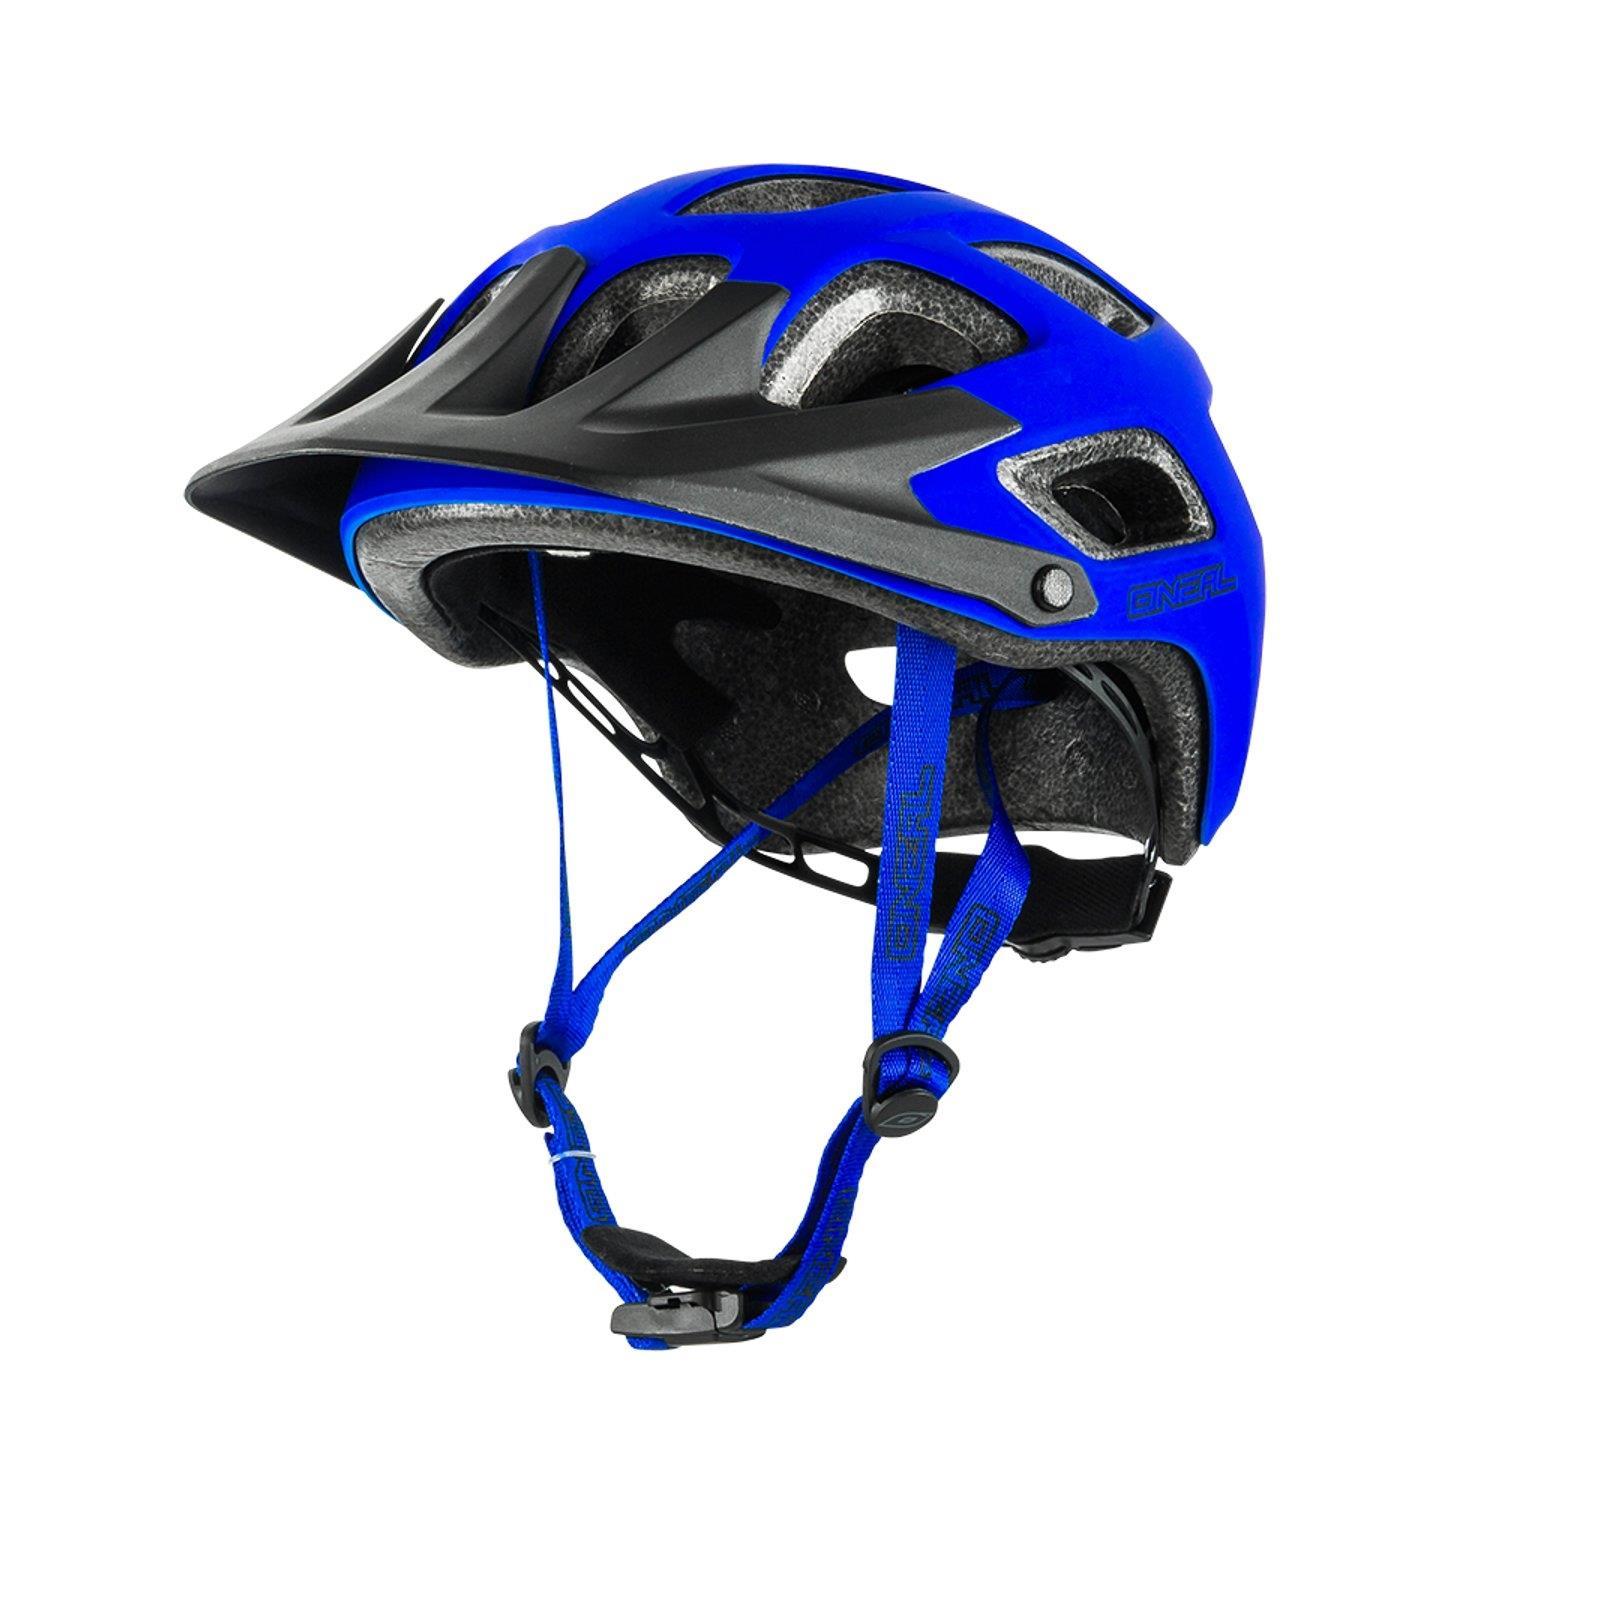 oneal thunderball mtb fahrrad helm matt blau mountainbike. Black Bedroom Furniture Sets. Home Design Ideas